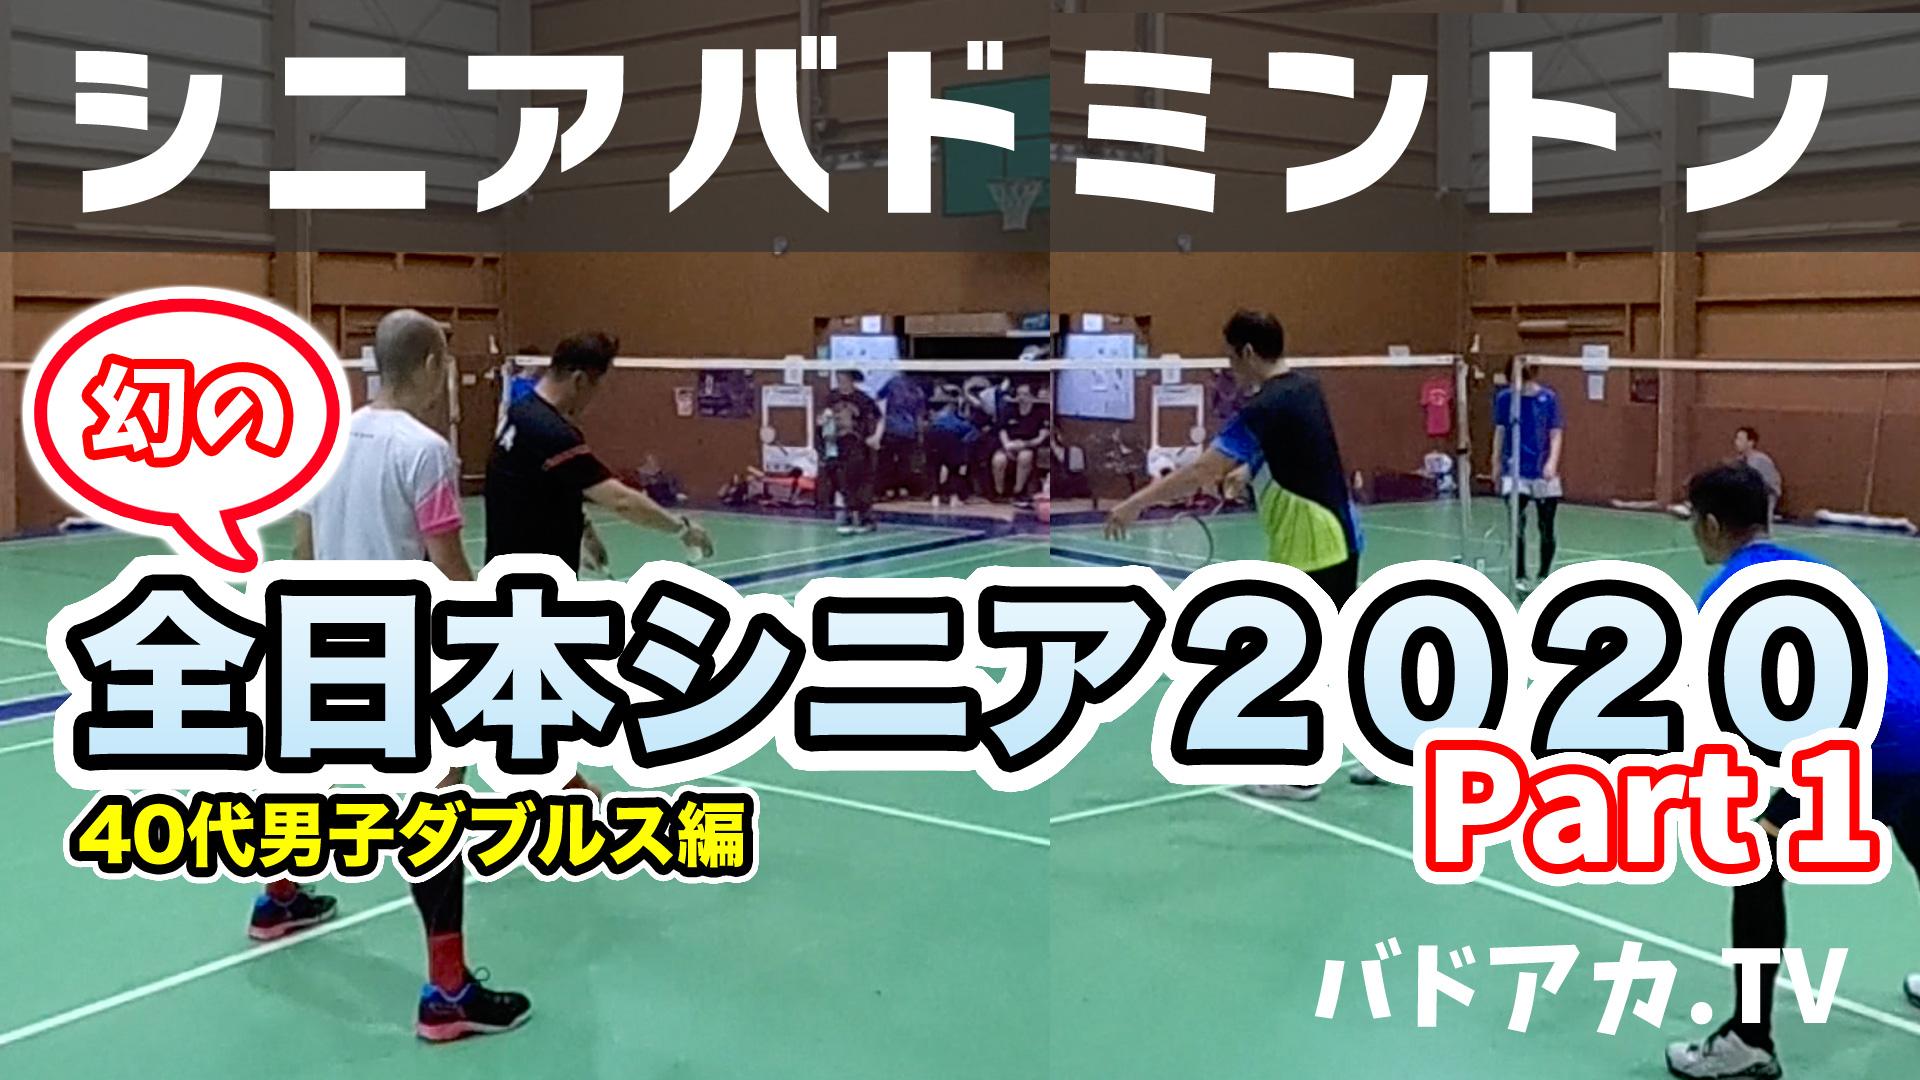 幻の全日本シニア2020